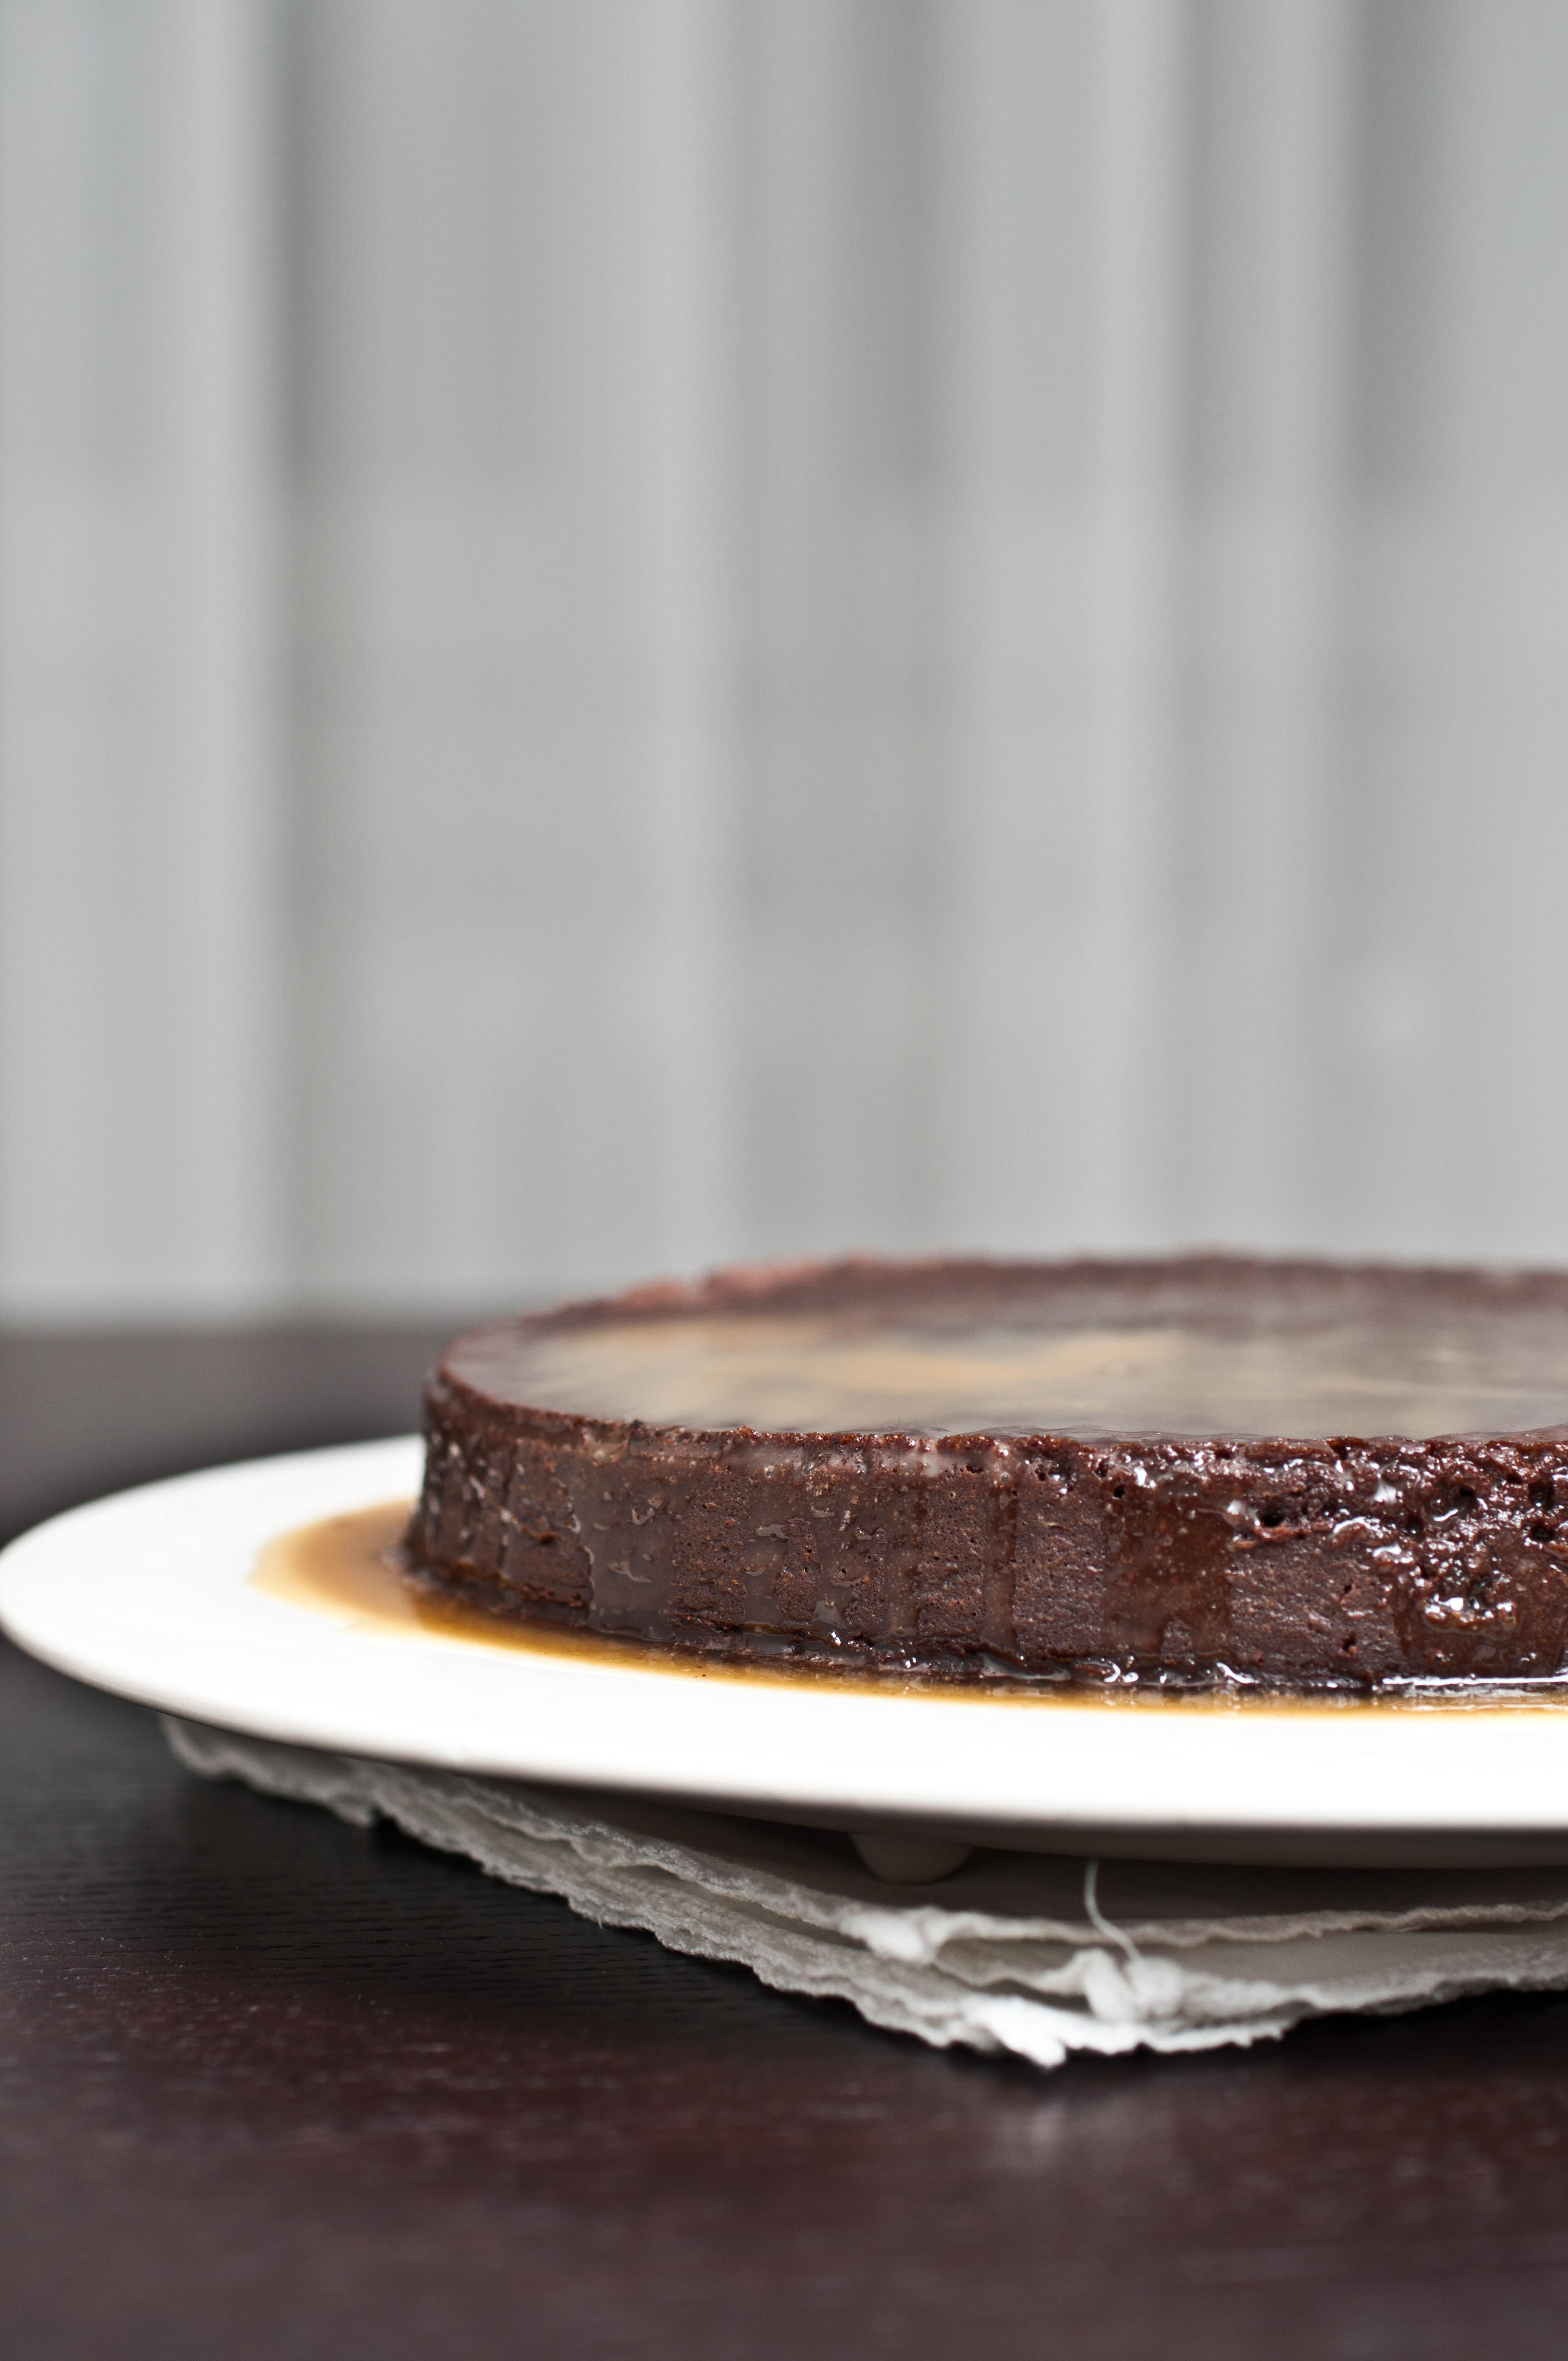 Torta al cioccolato e salsa al caramello salato